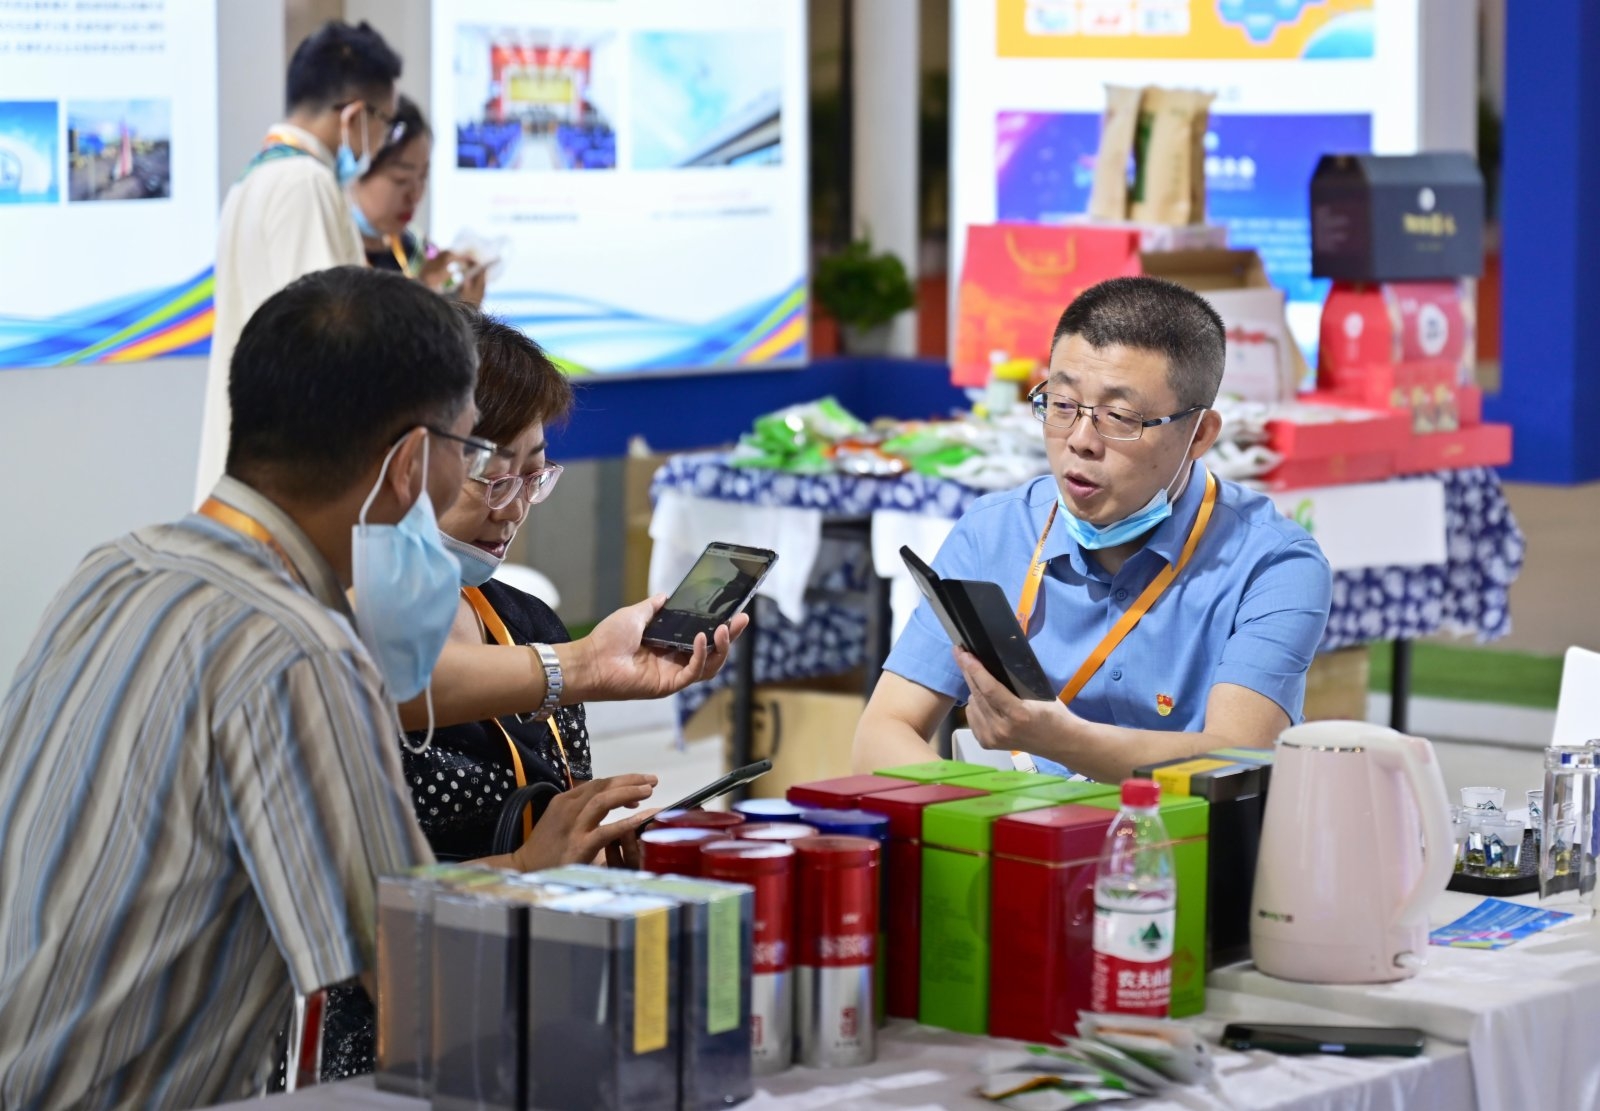 在第二十一屆中國國際投資貿易洽談會展館現場,參展客商在相互添加好友以便日後進行貿易洽談交流。(新華社)